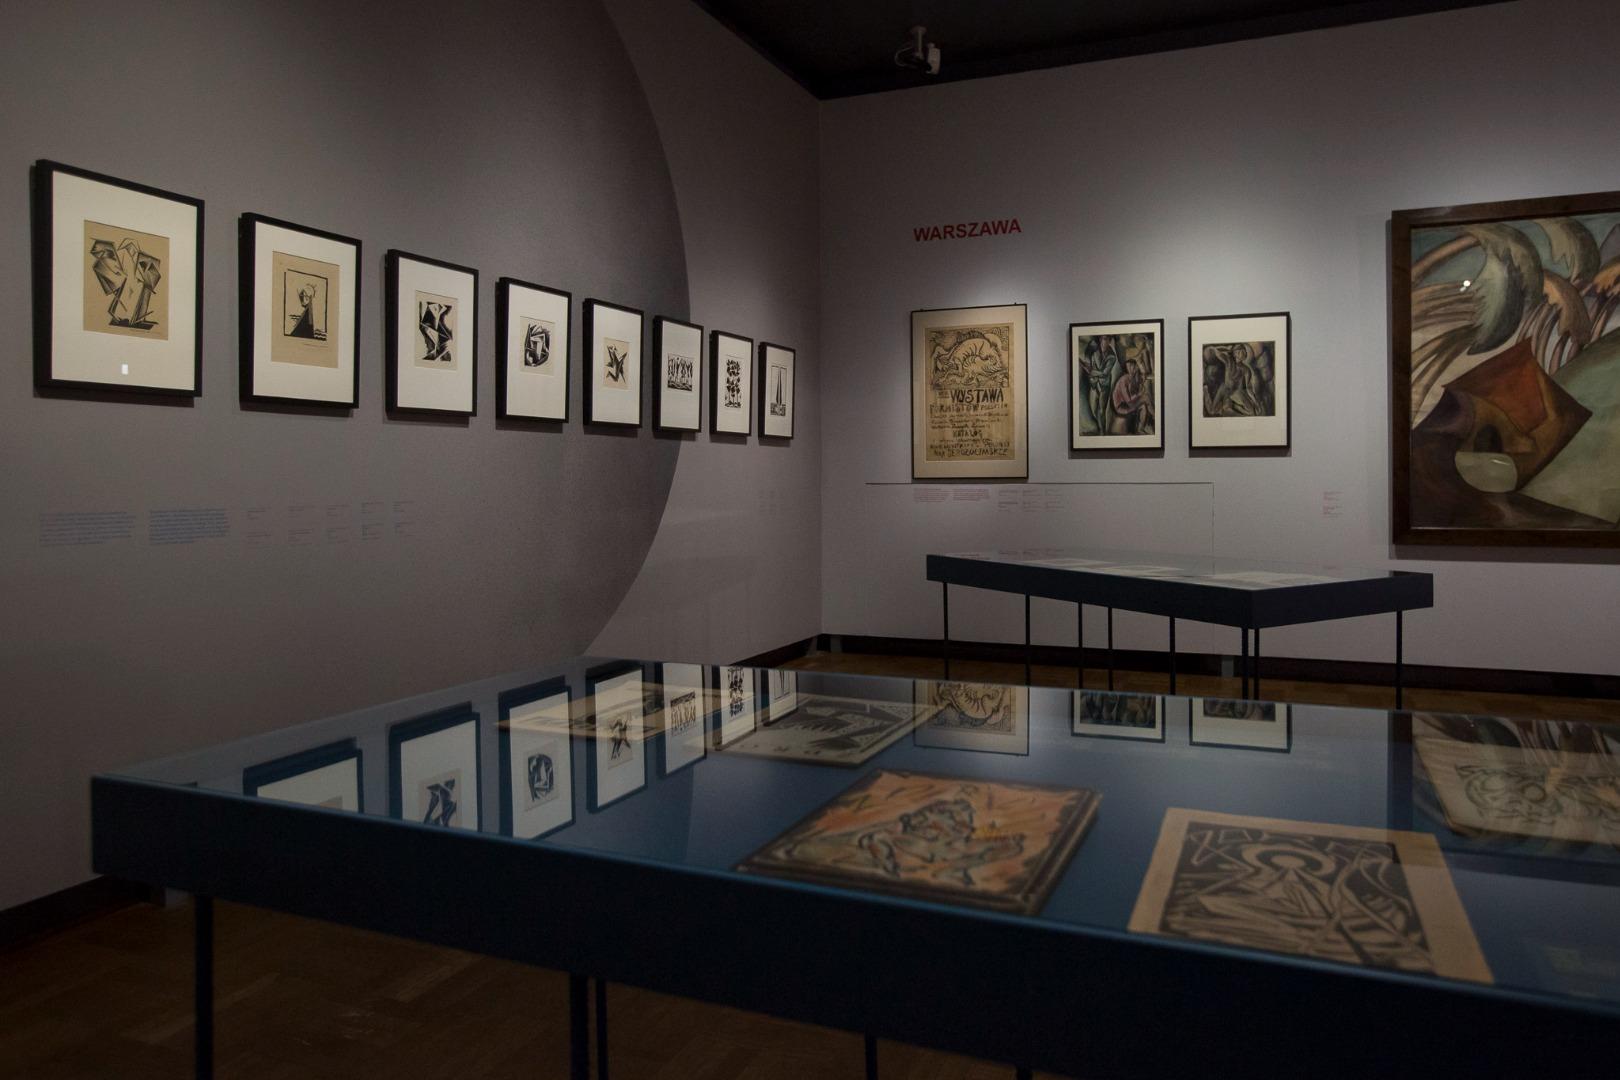 fot. Bartosz Bajerski/Muzeum Narodowe w Warszawie